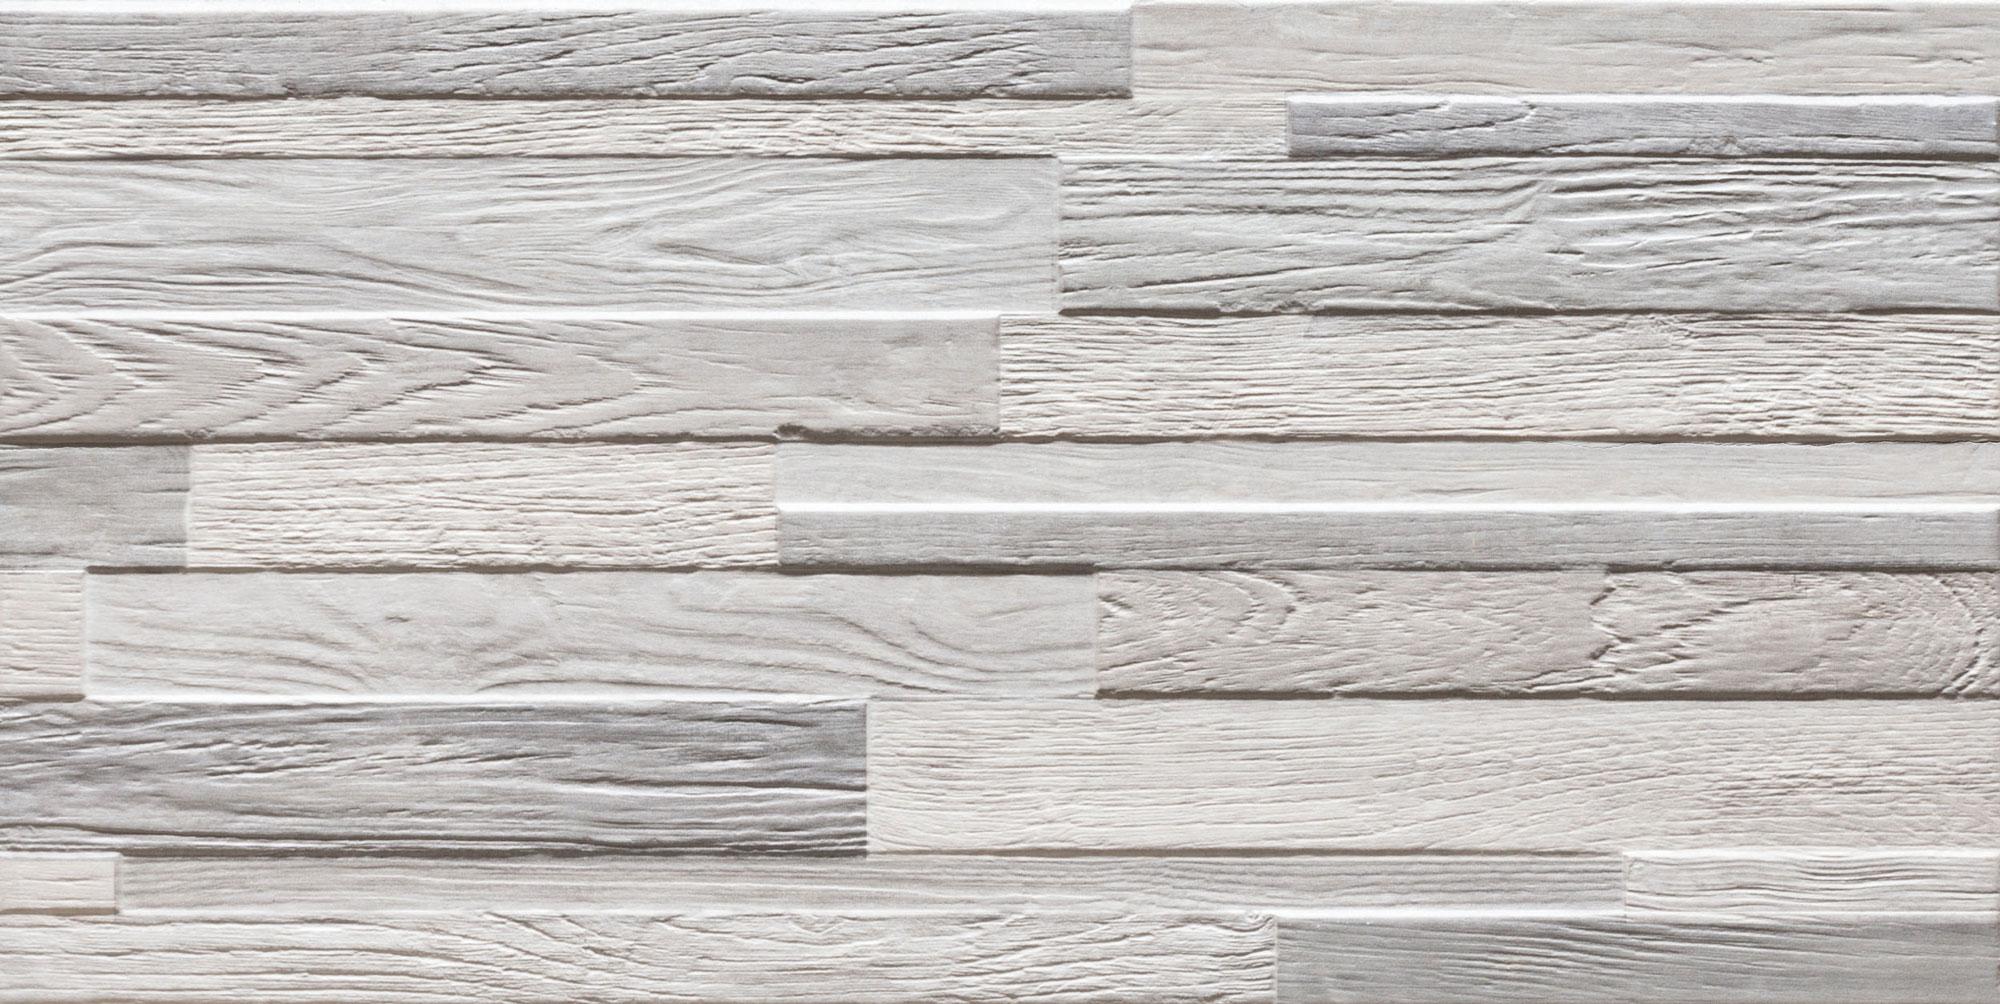 Напольная плитка Ceramika Konskie Wood Mania Grey 30x60 (1,08) напольная плитка ceramika konskie quarzite bianca rekt lap 60x60 1 44